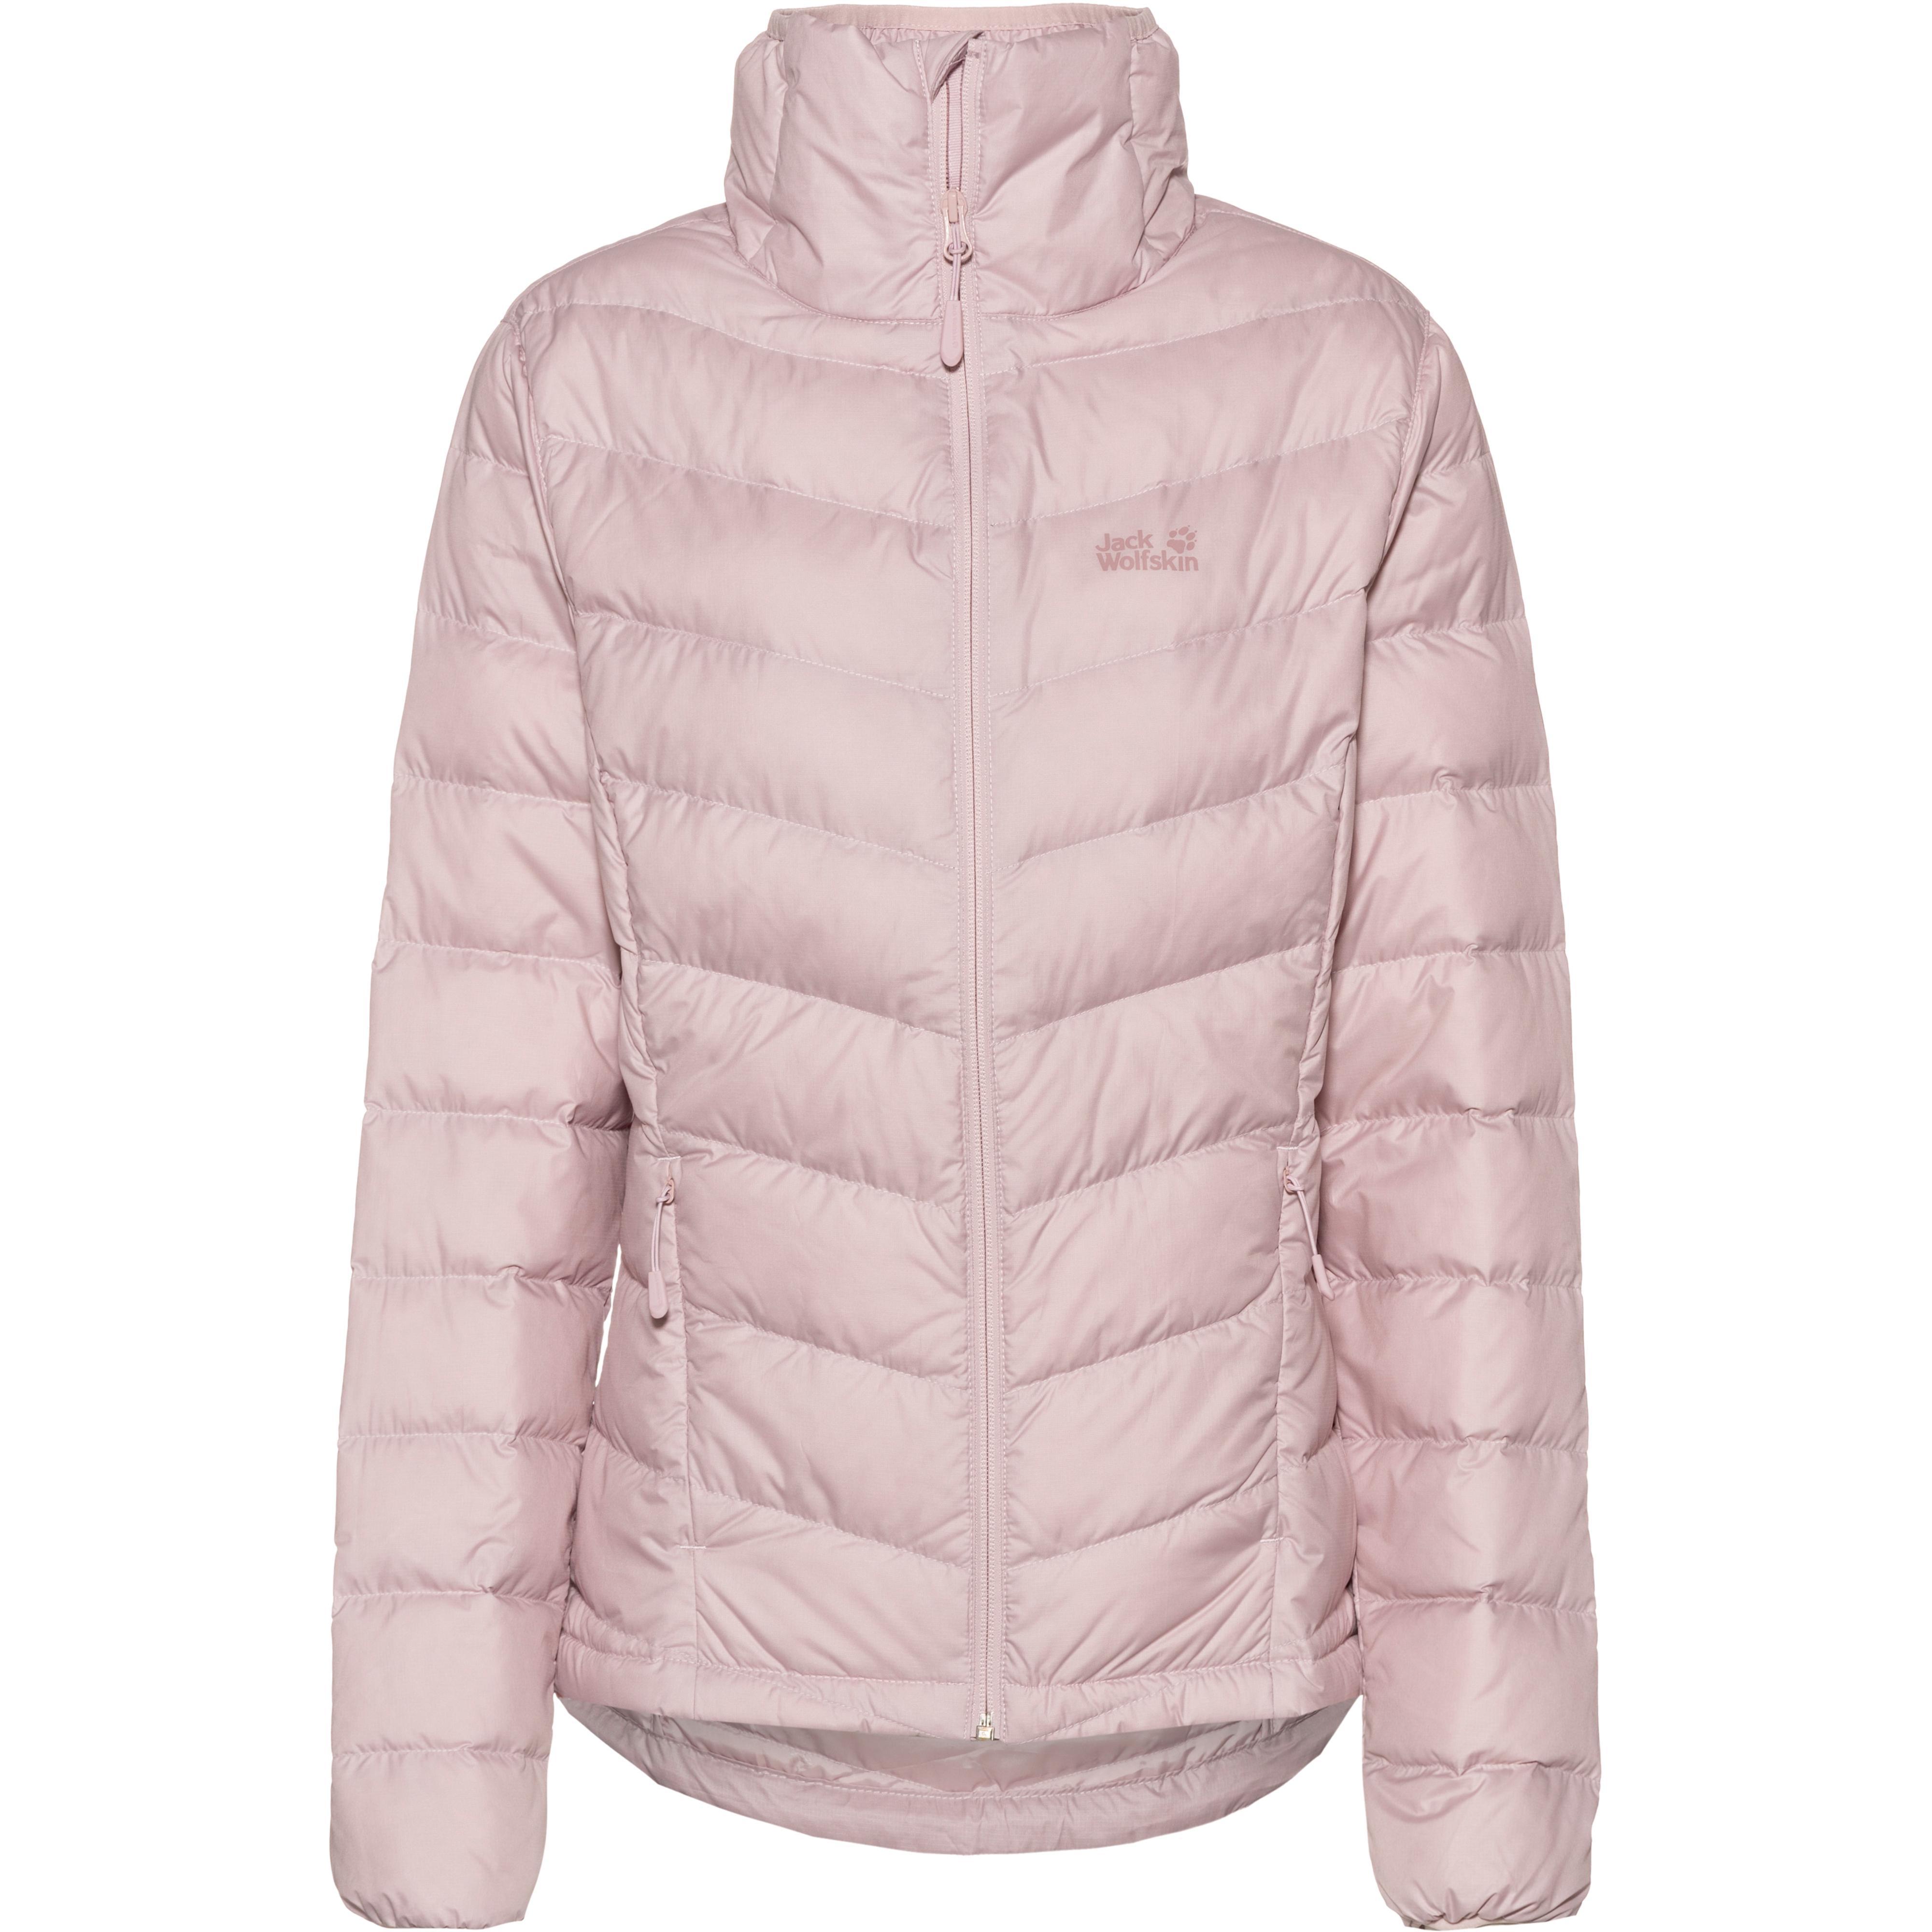 Von Online Rosa Shop Kaufen Im Jack High Helium Sportscheck Wolfskin Daunenjacke Damen thQdsrCx